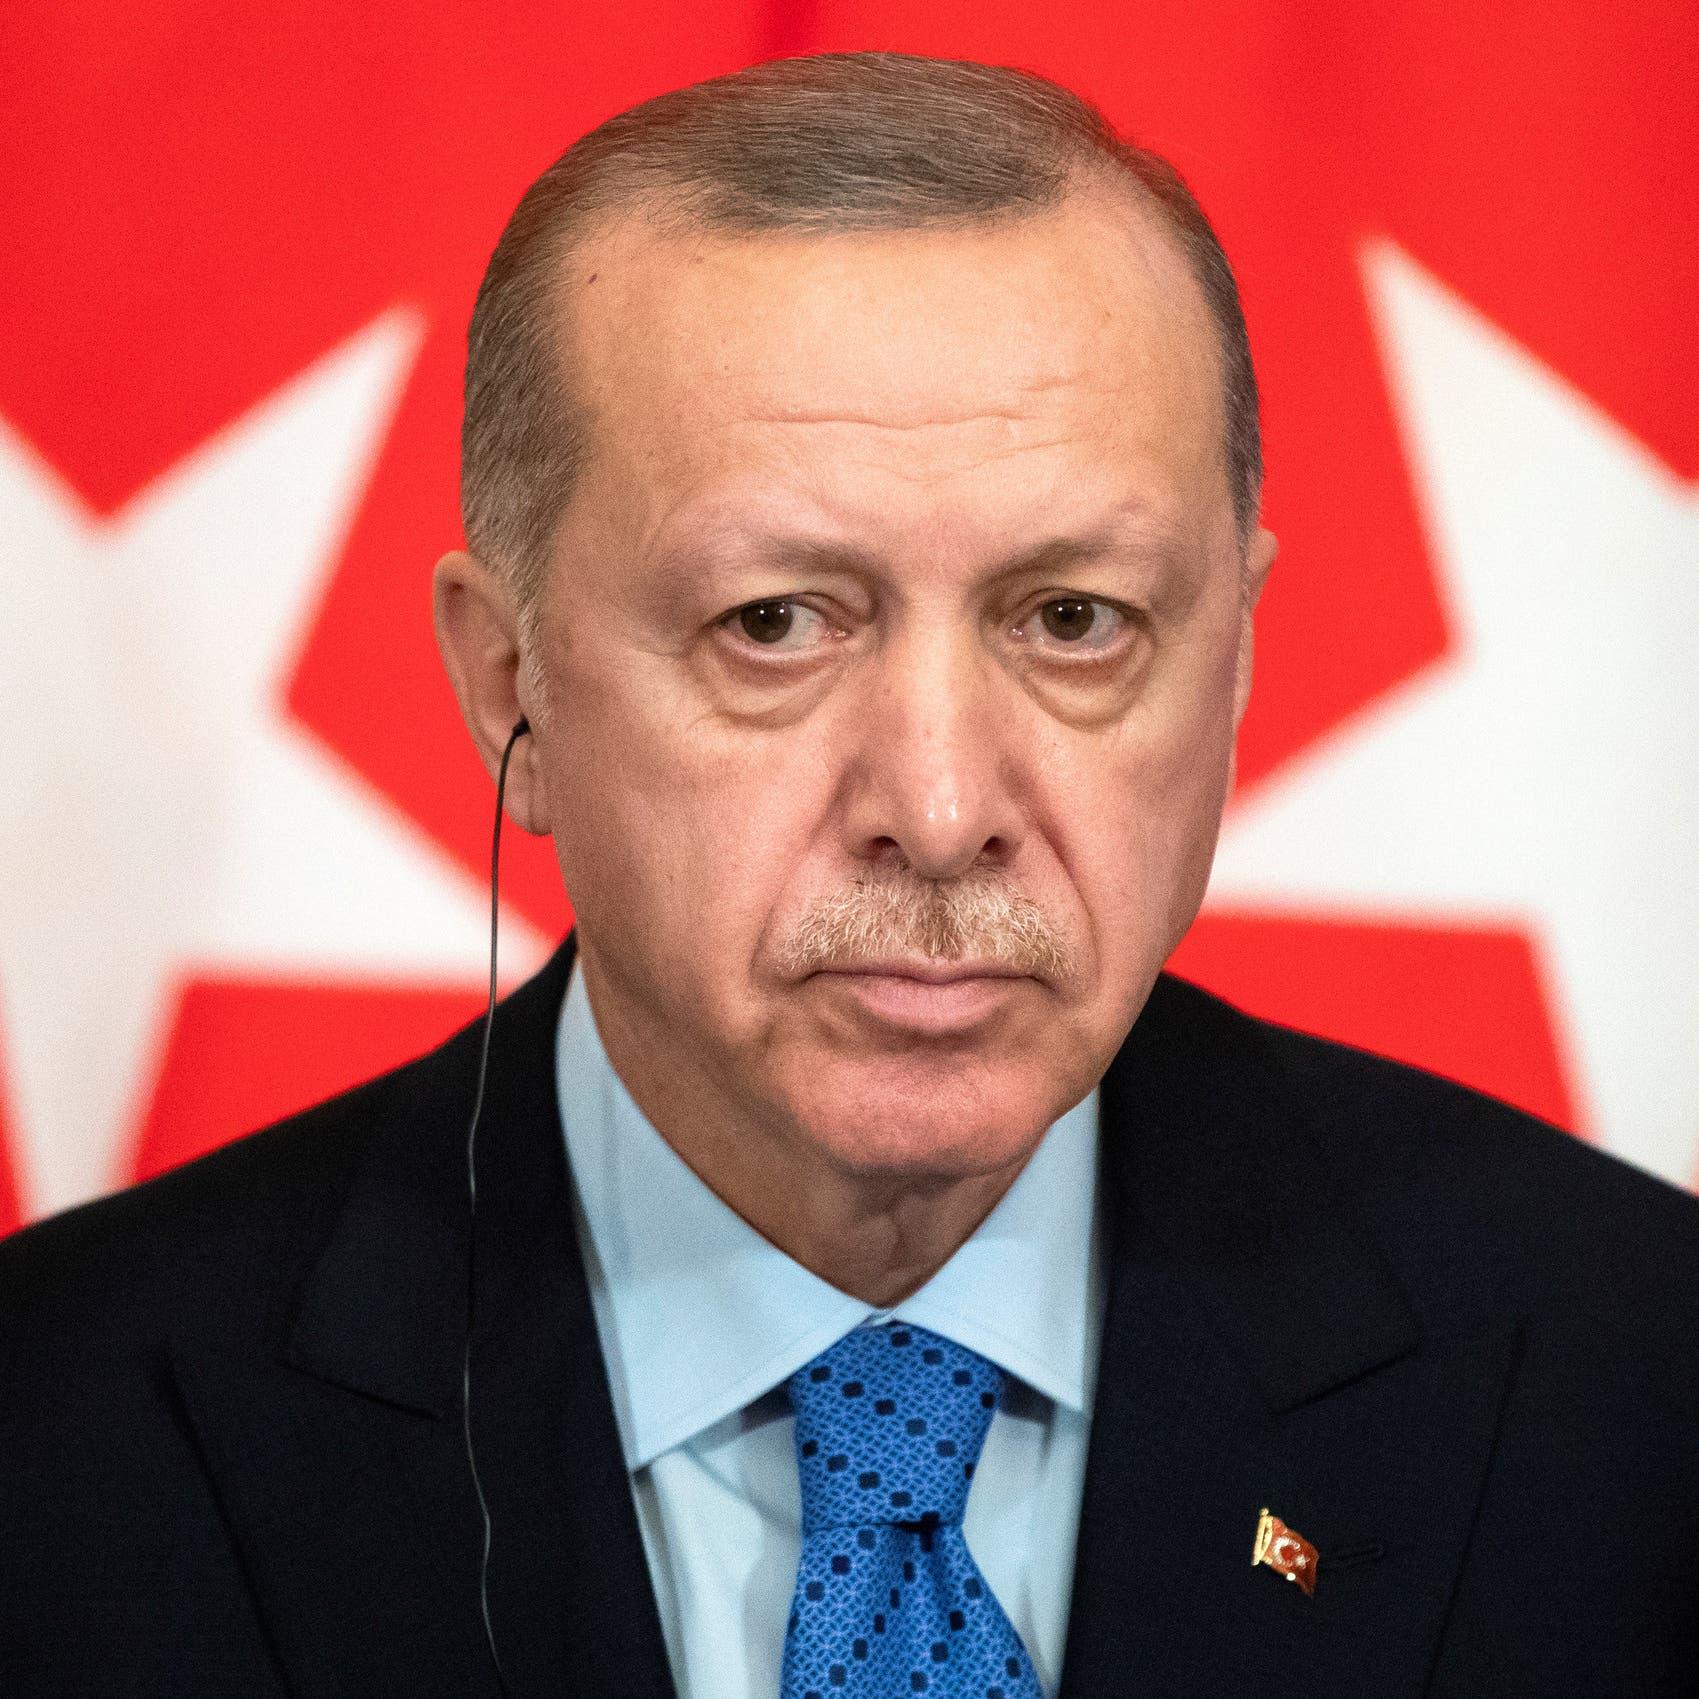 معضلة أردوغان..محاصر بين روسيا والولايات المتحدة